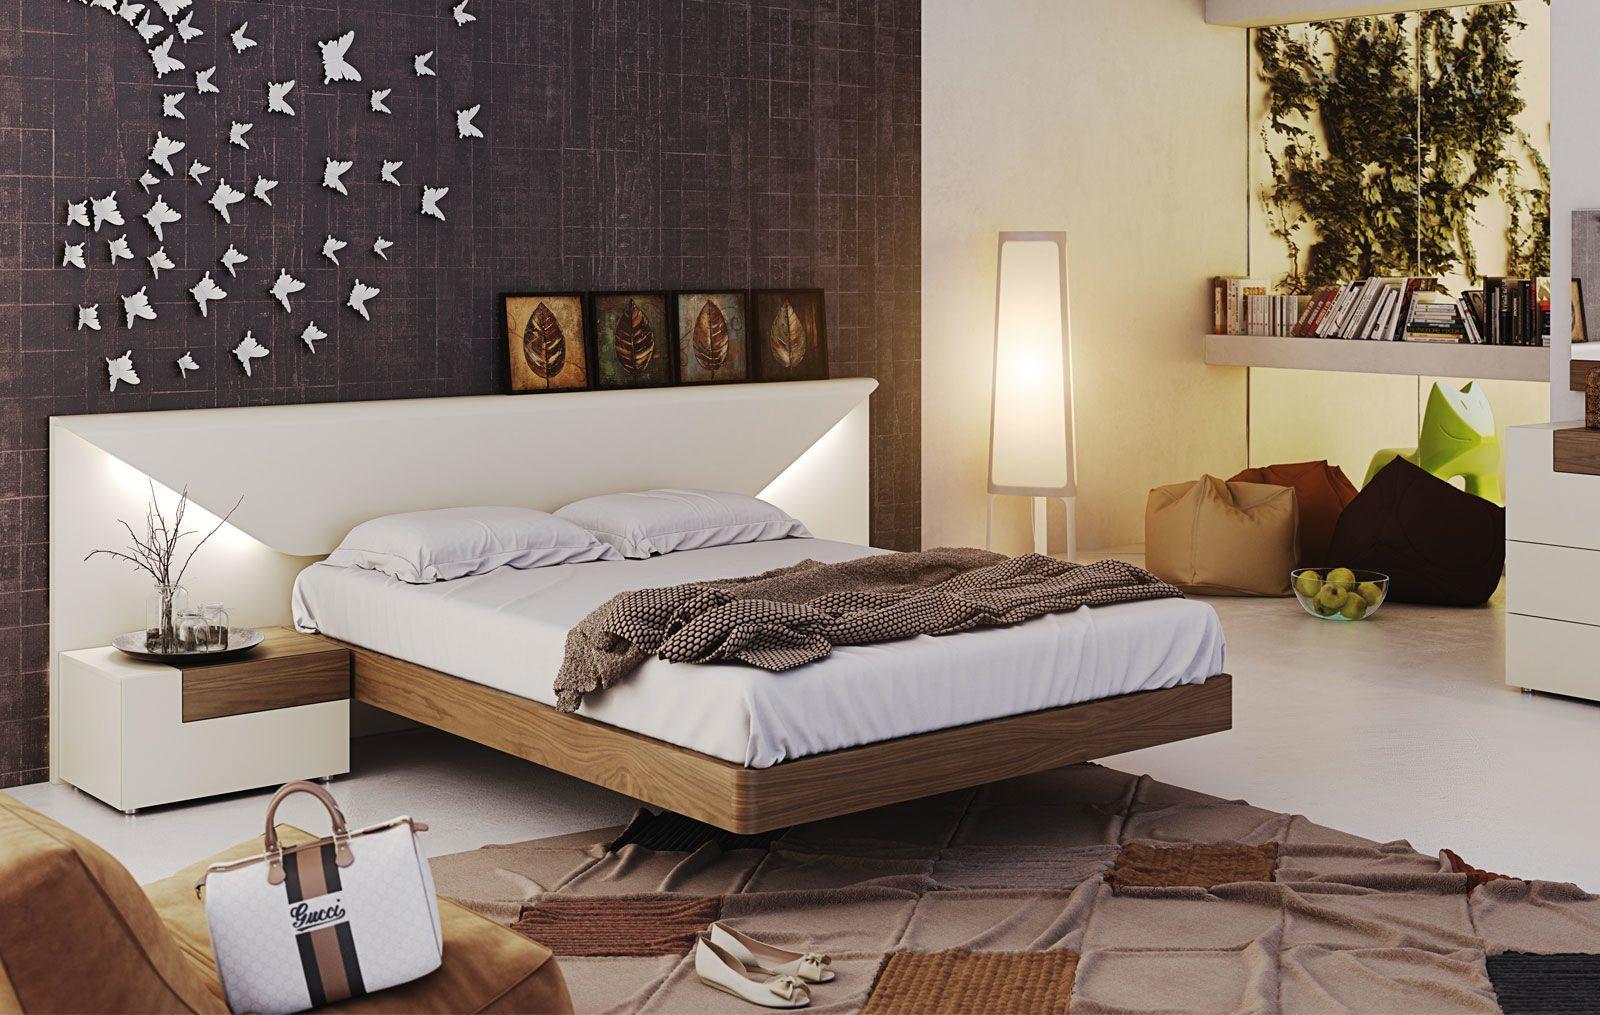 Кровать Garcia Sabate ELENA песочный/орех и тумбы прикроватные TESIS arena matt/орех